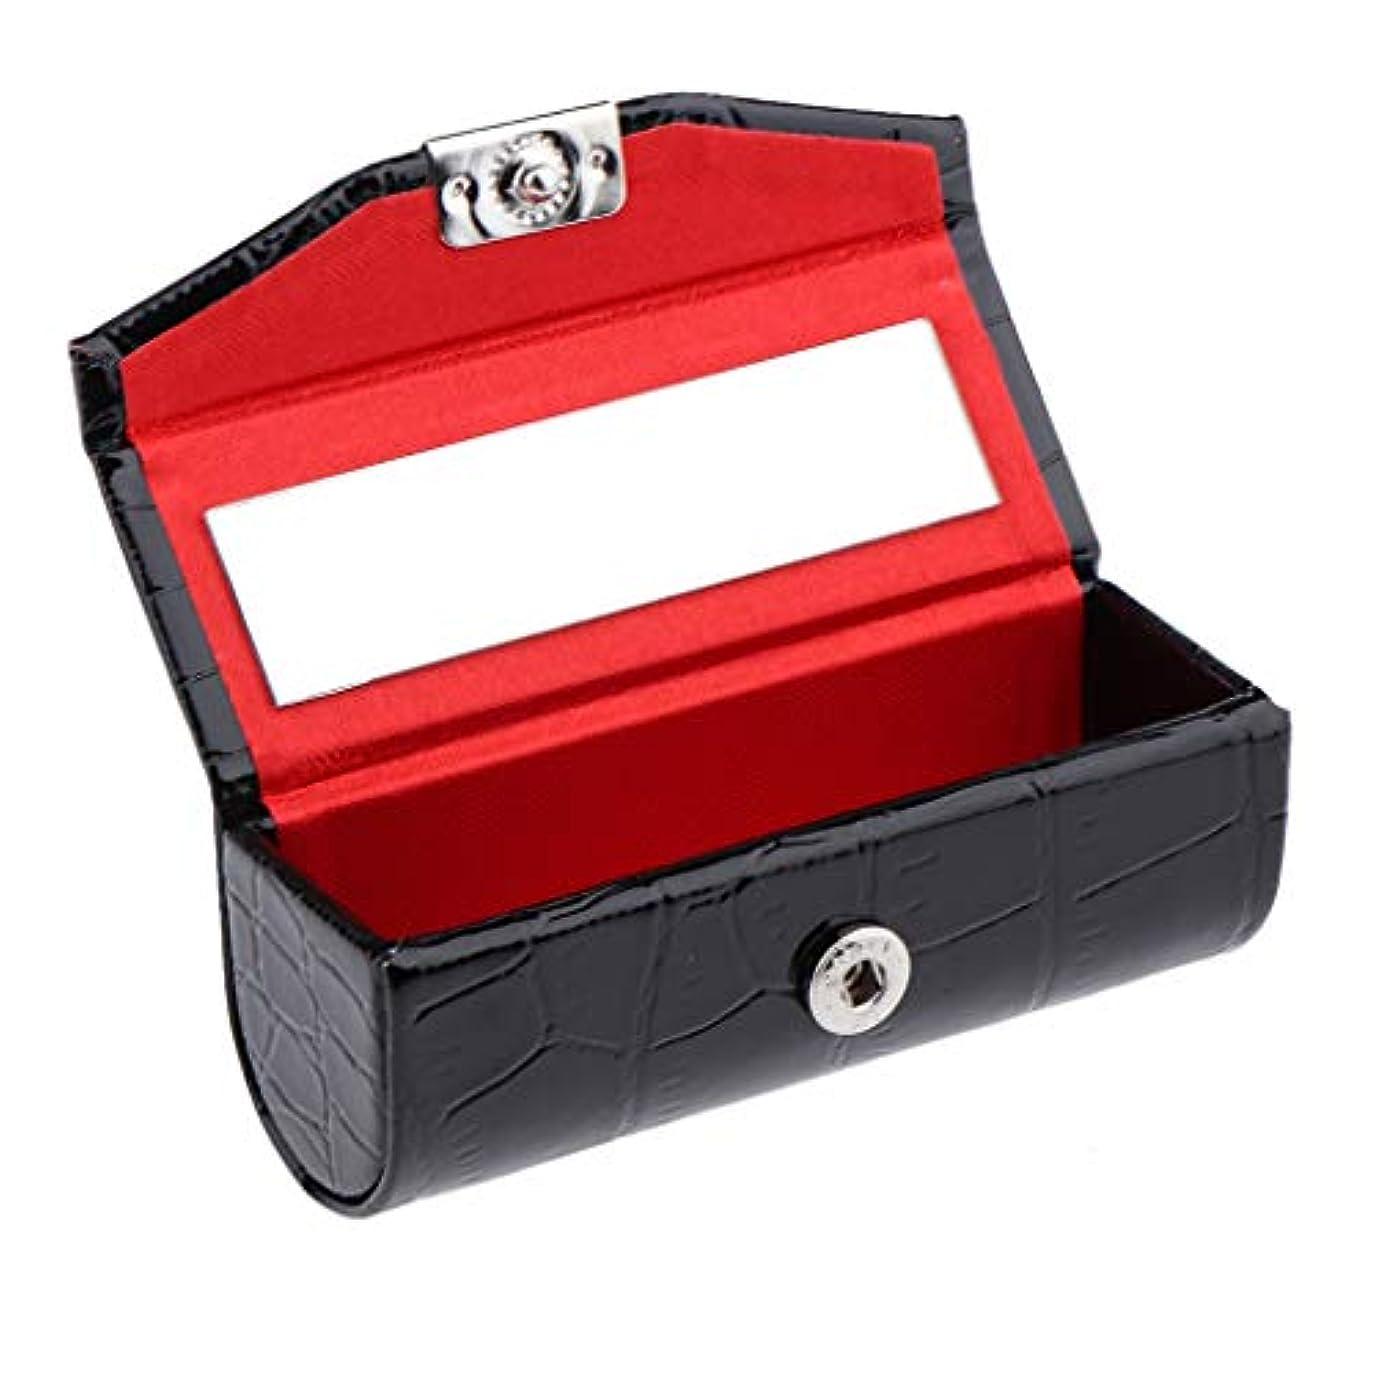 ポンド窒素範囲IPOTCH レザー リップスティックケース 口紅ホルダー ミラー 収納ボックス 多色選べ - ブラック